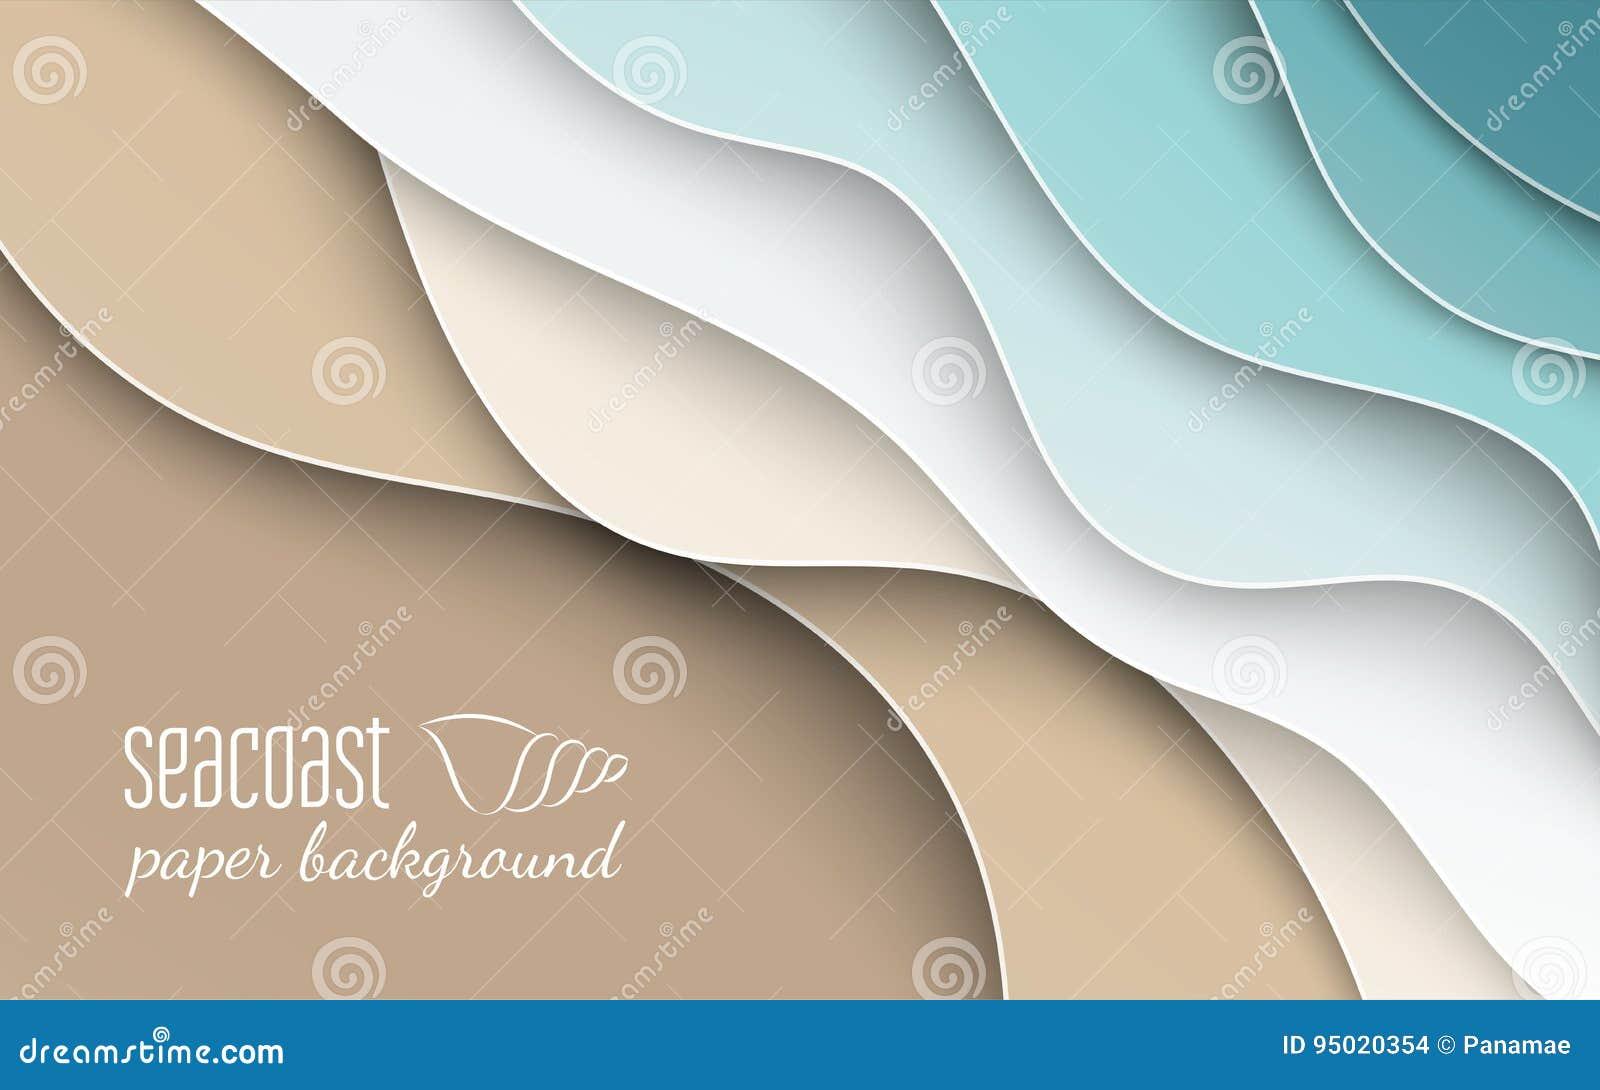 Fondo azul abstracto del verano del mar y de la playa con la onda del papel de la curva y costa para el diseño de la bandera, del